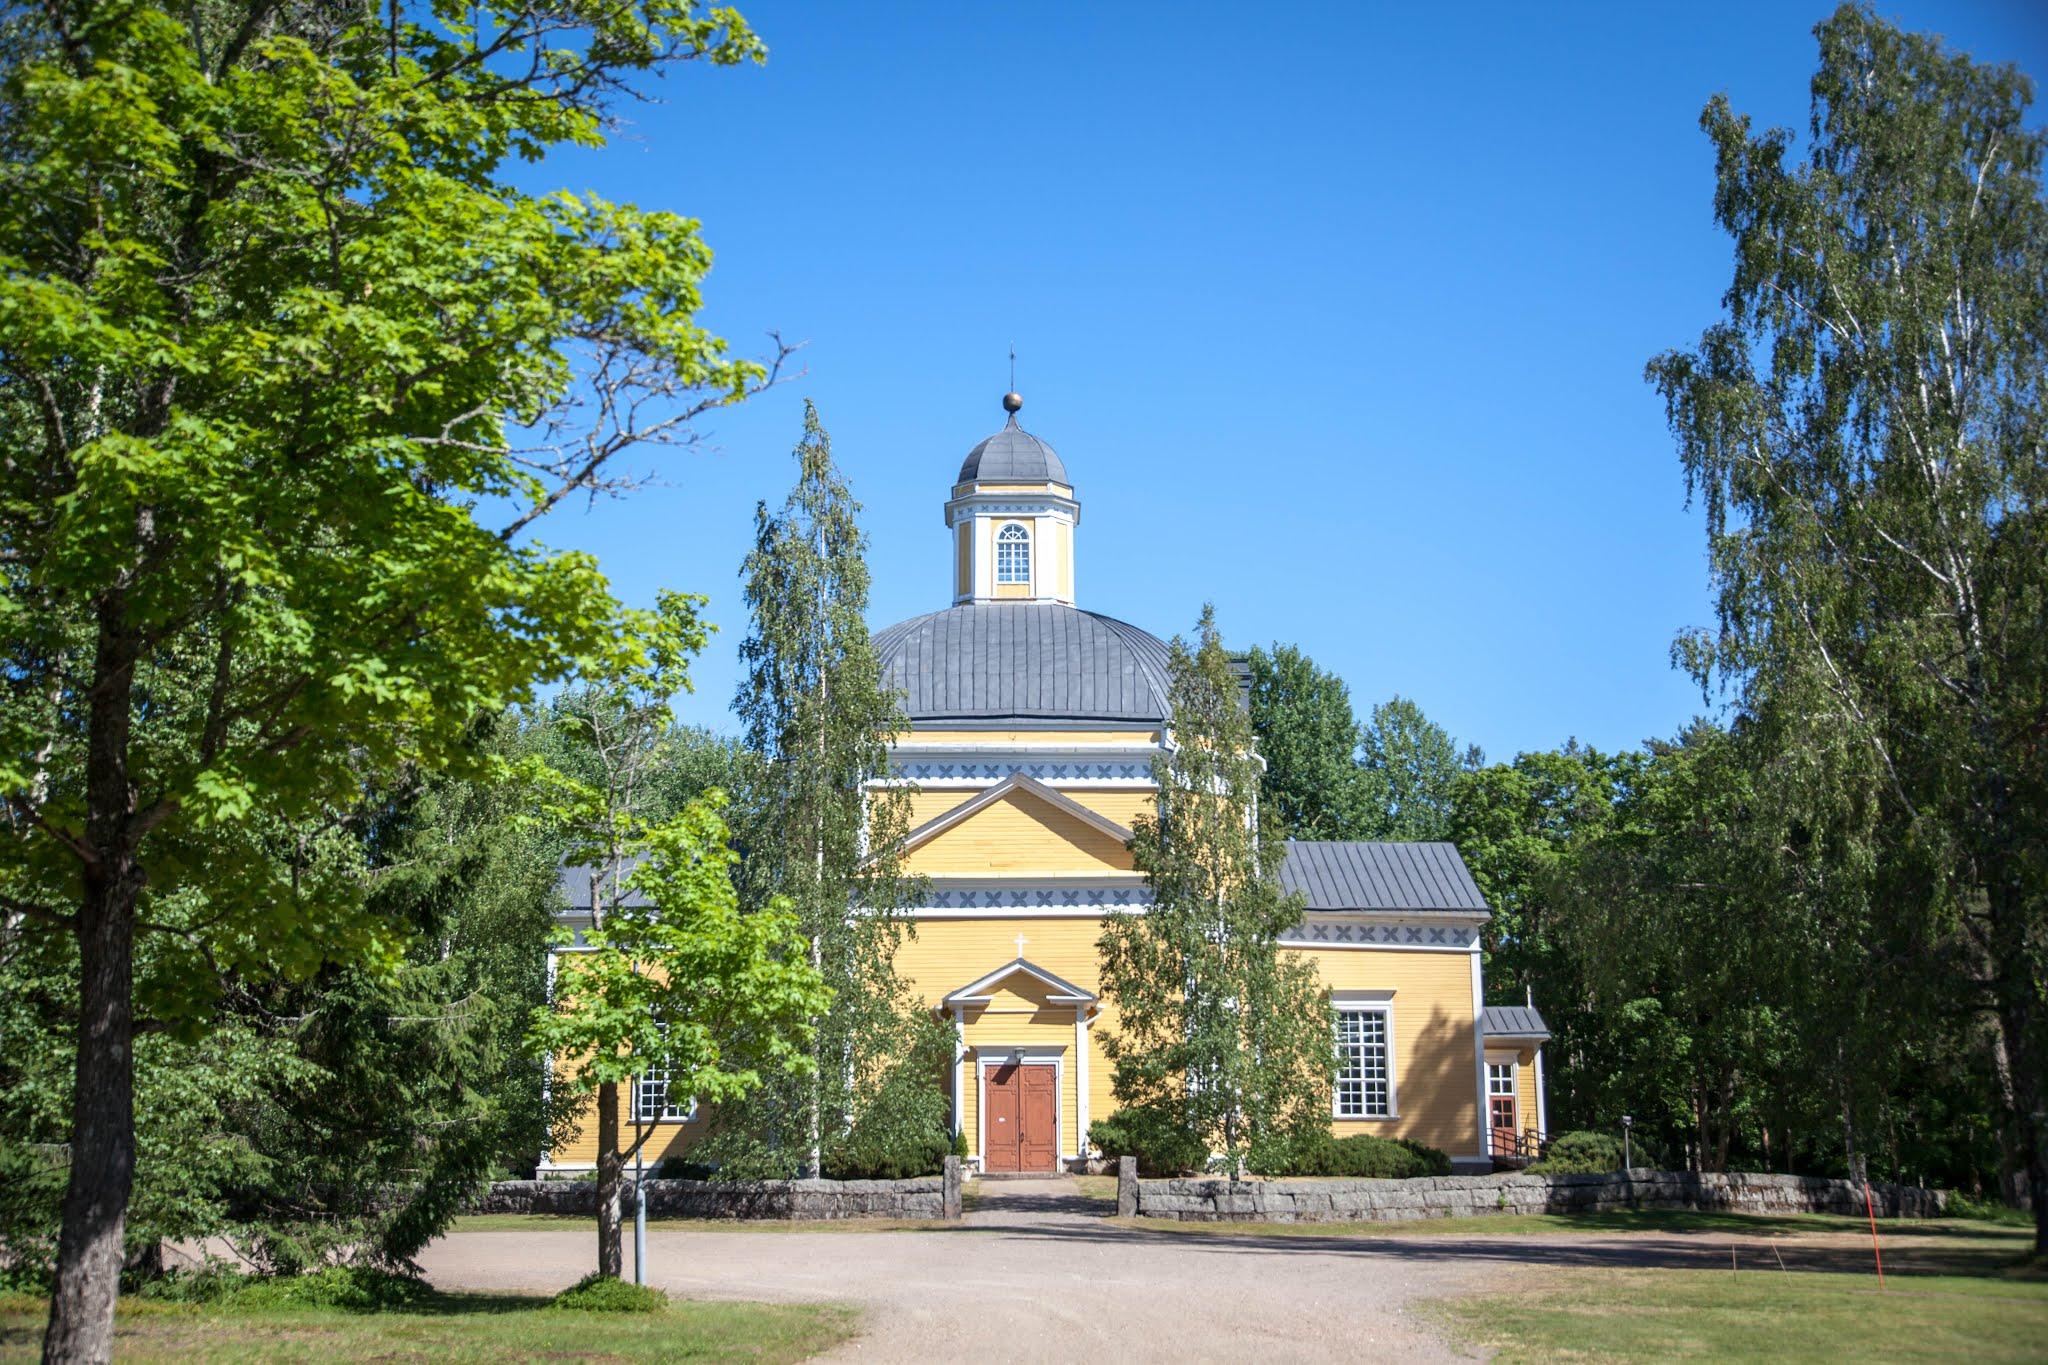 Luumäen kirkko Engel